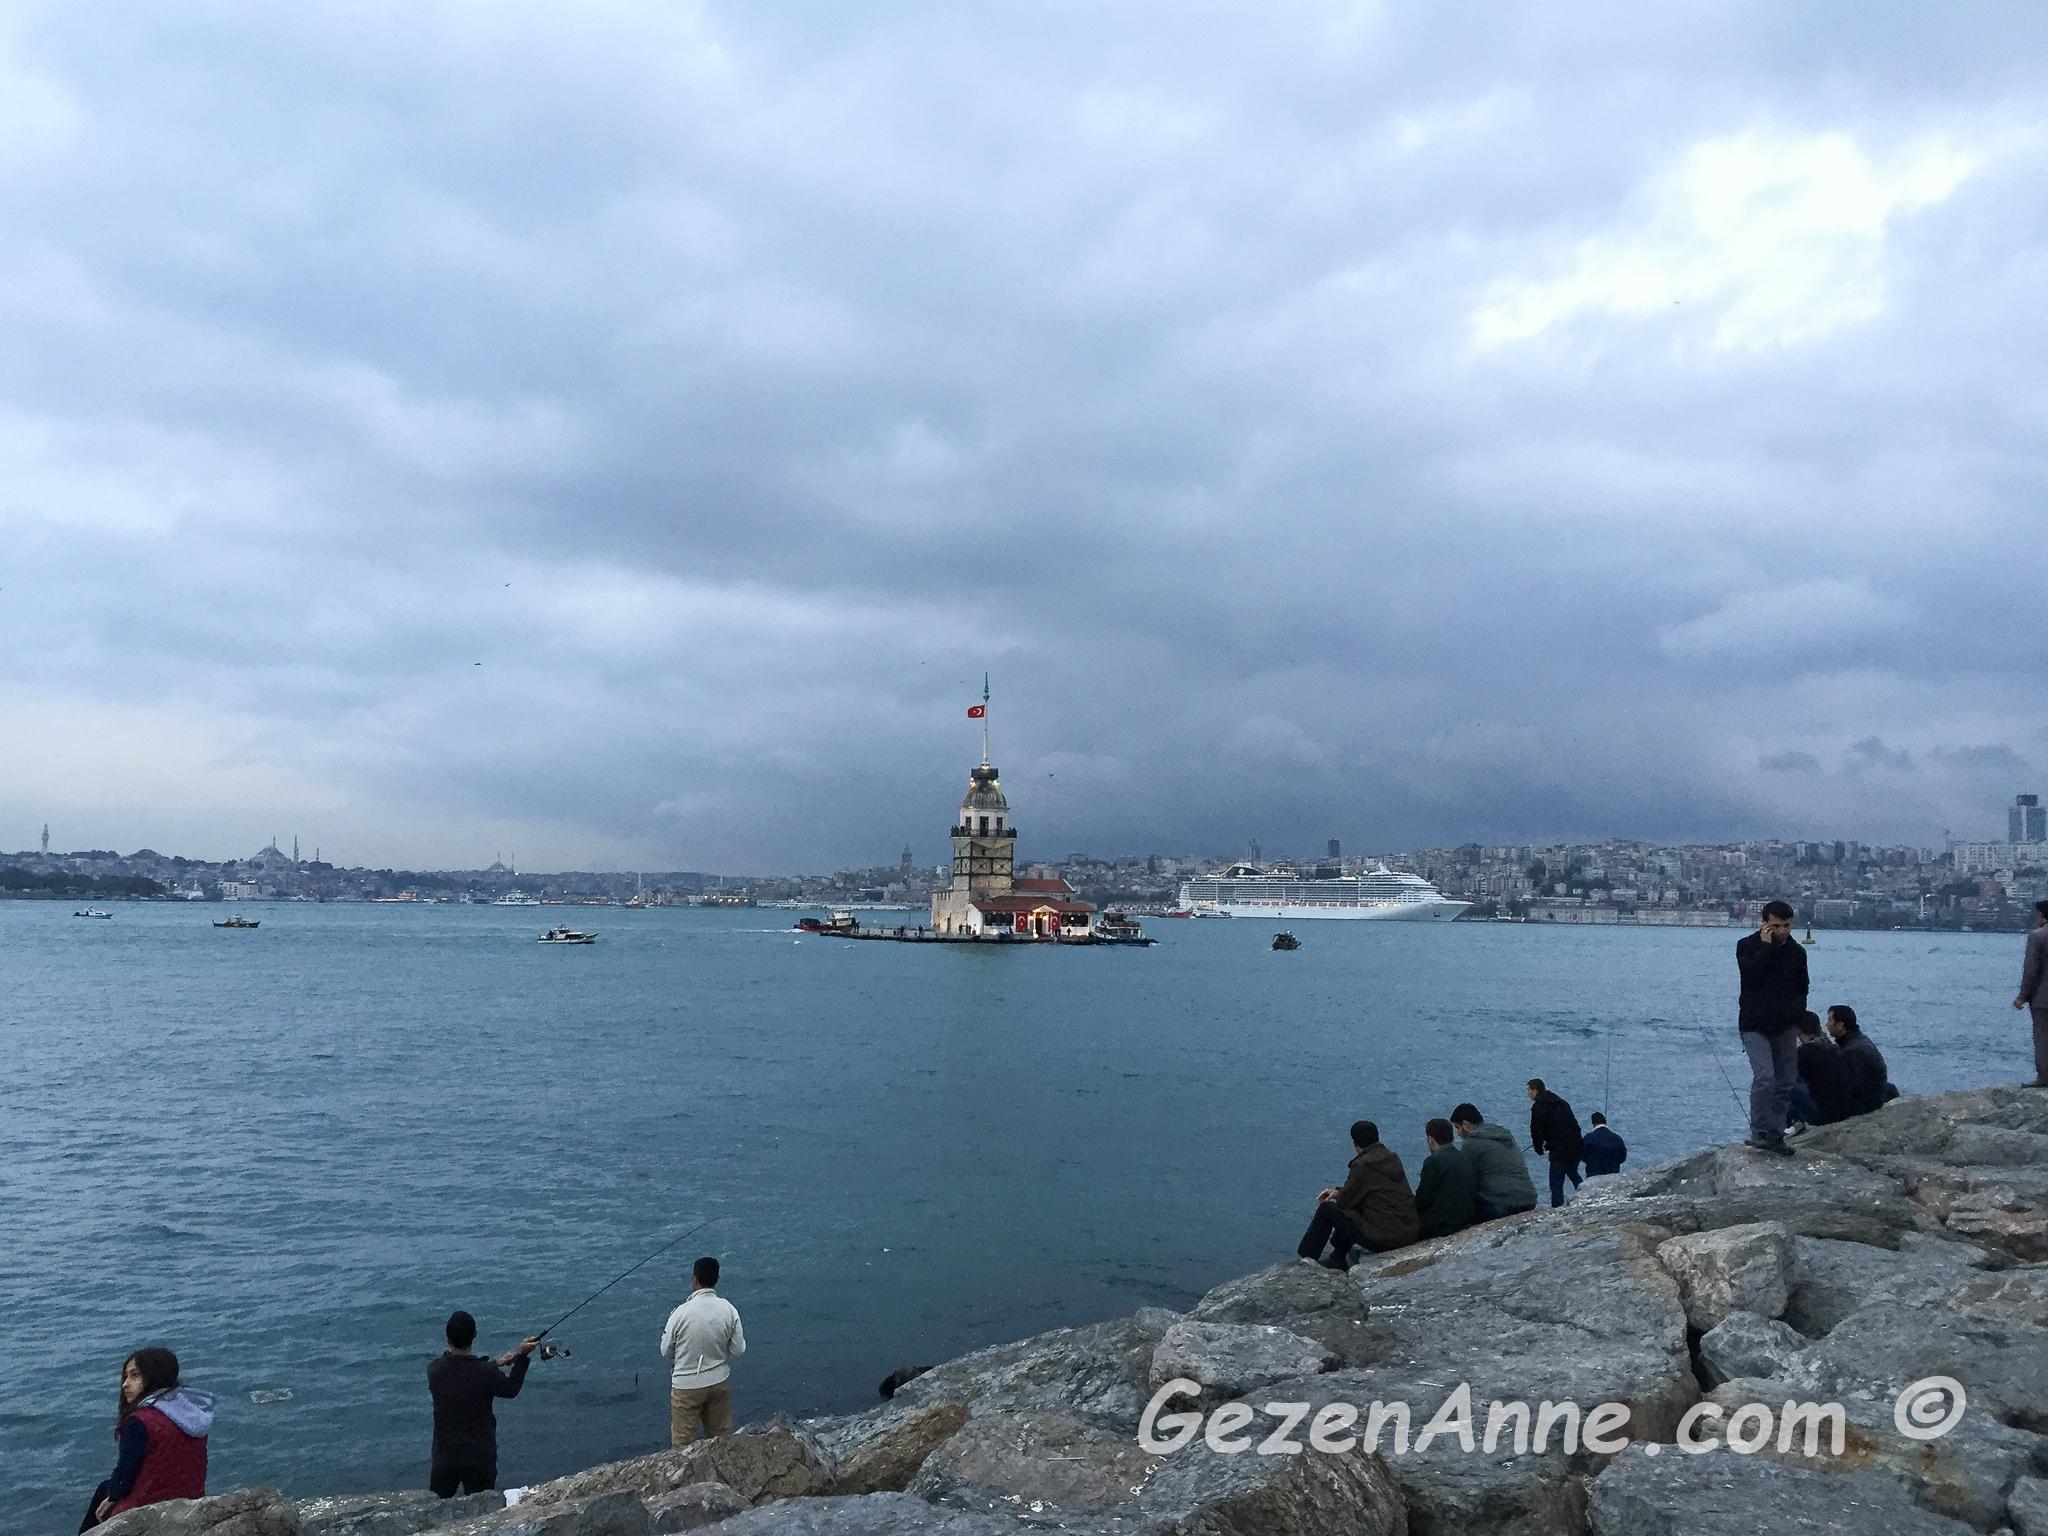 Kız kulesine karşı, Salacak Üsküdar İstanbul